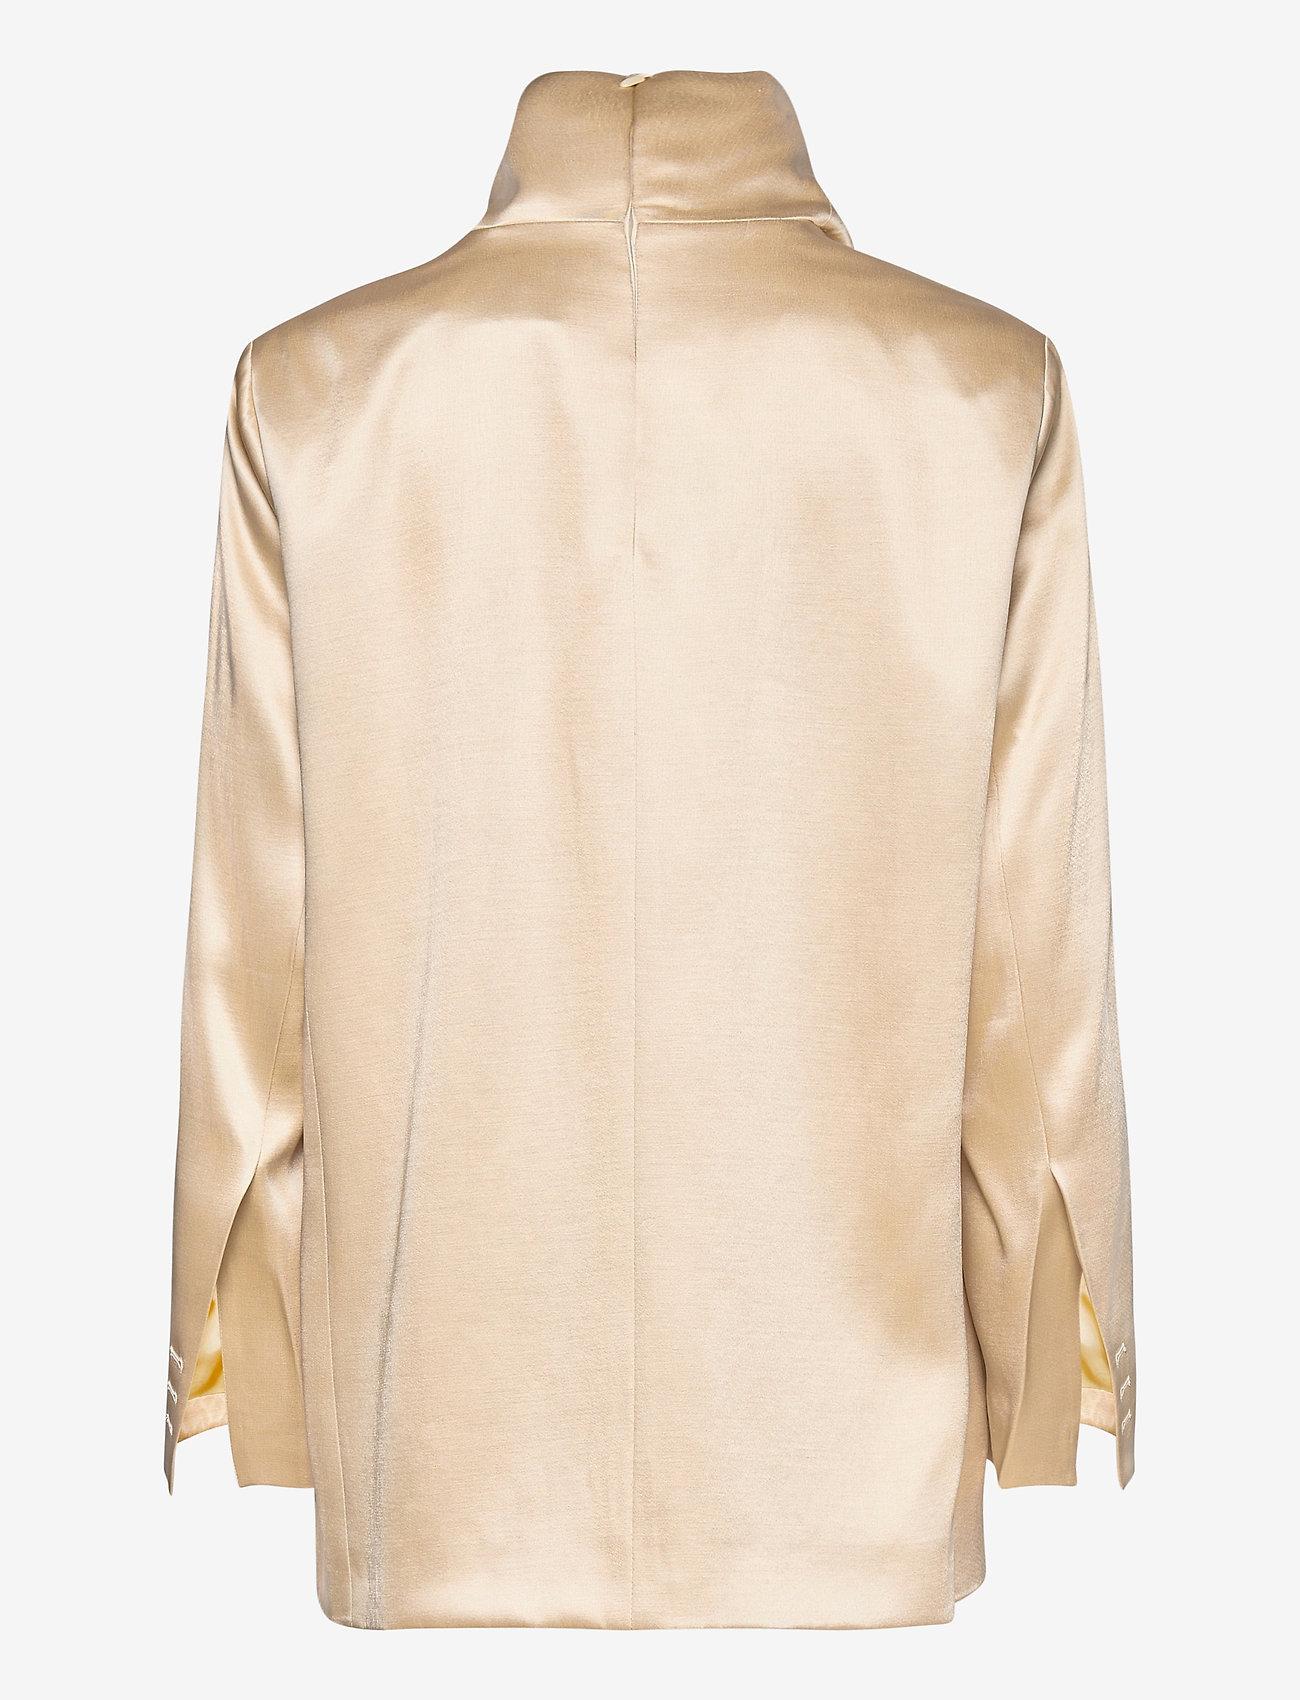 Totême - APREMONT - oversized blazers - ivory 160 - 1